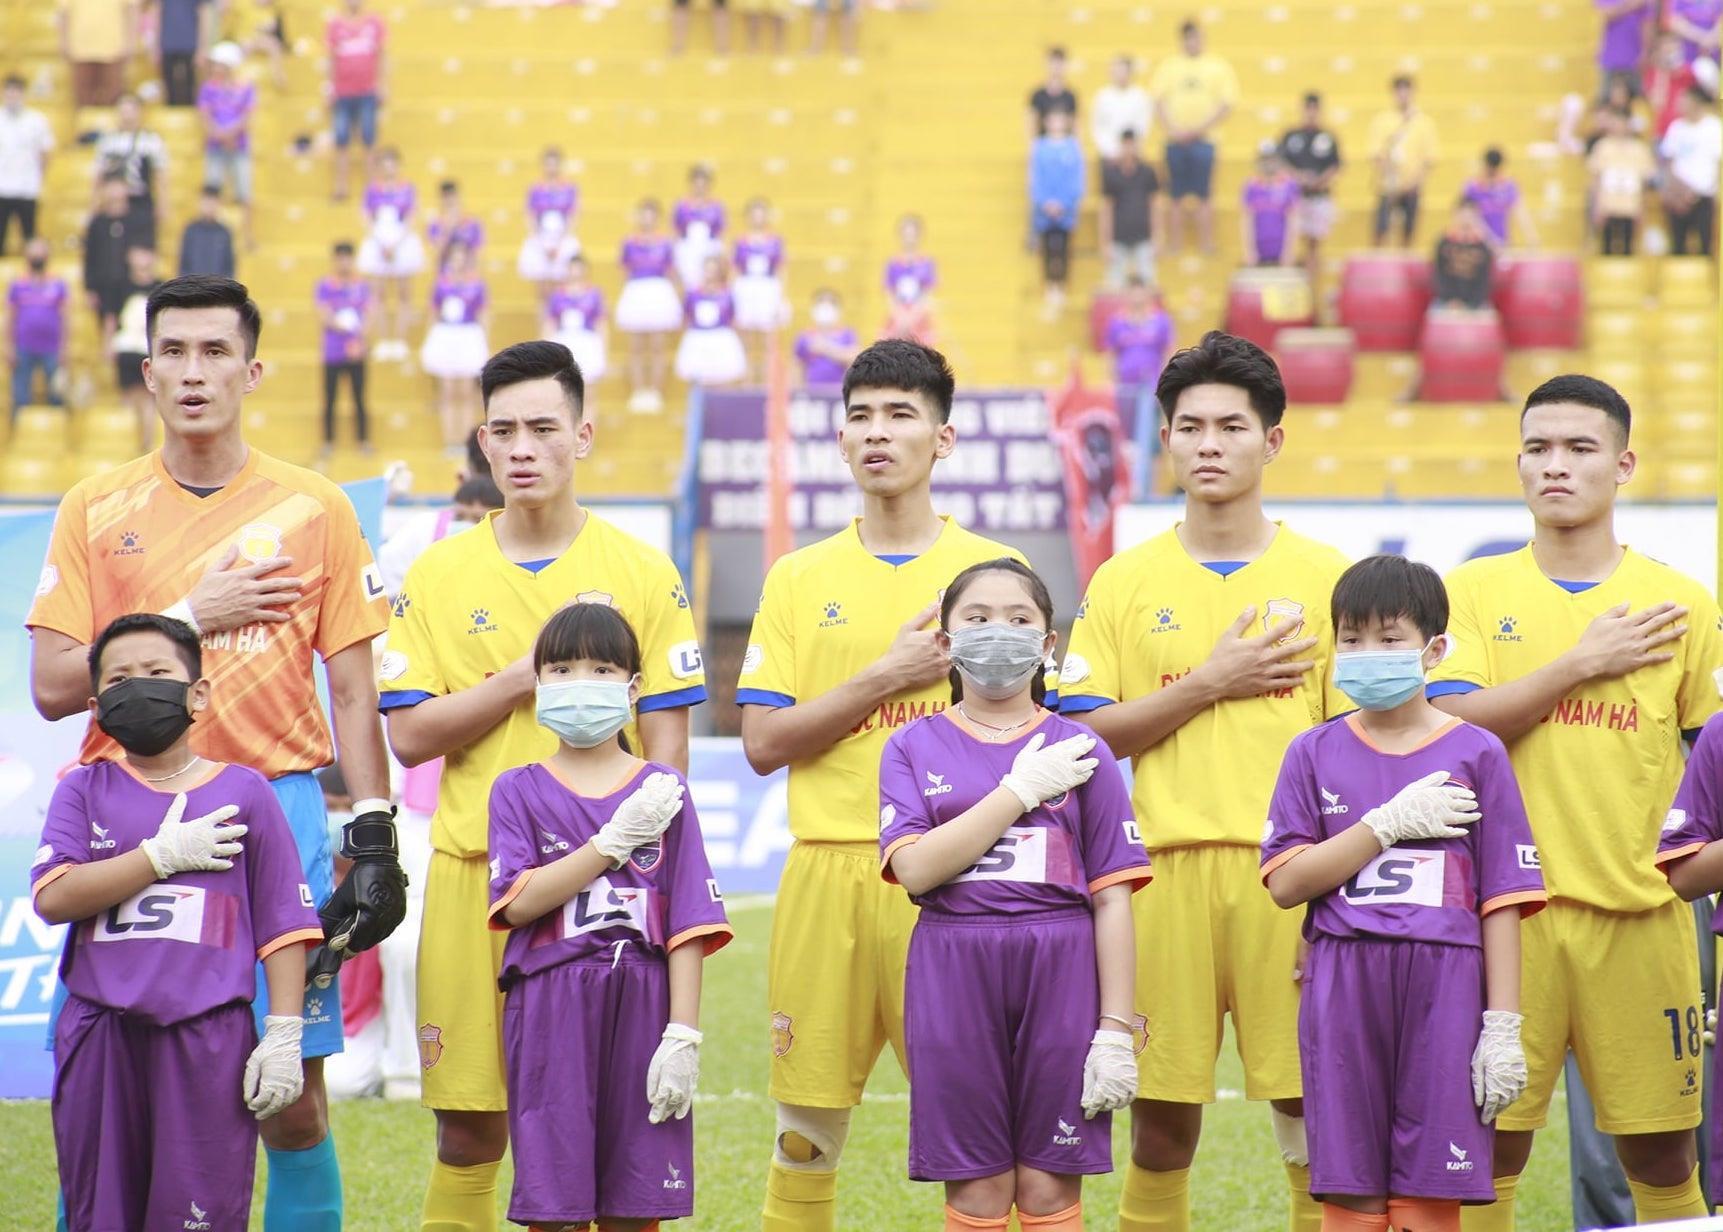 Tuyển Việt Nam thi đấu được, sao VPF muốn hoãn V-League sang năm 2022? - 2